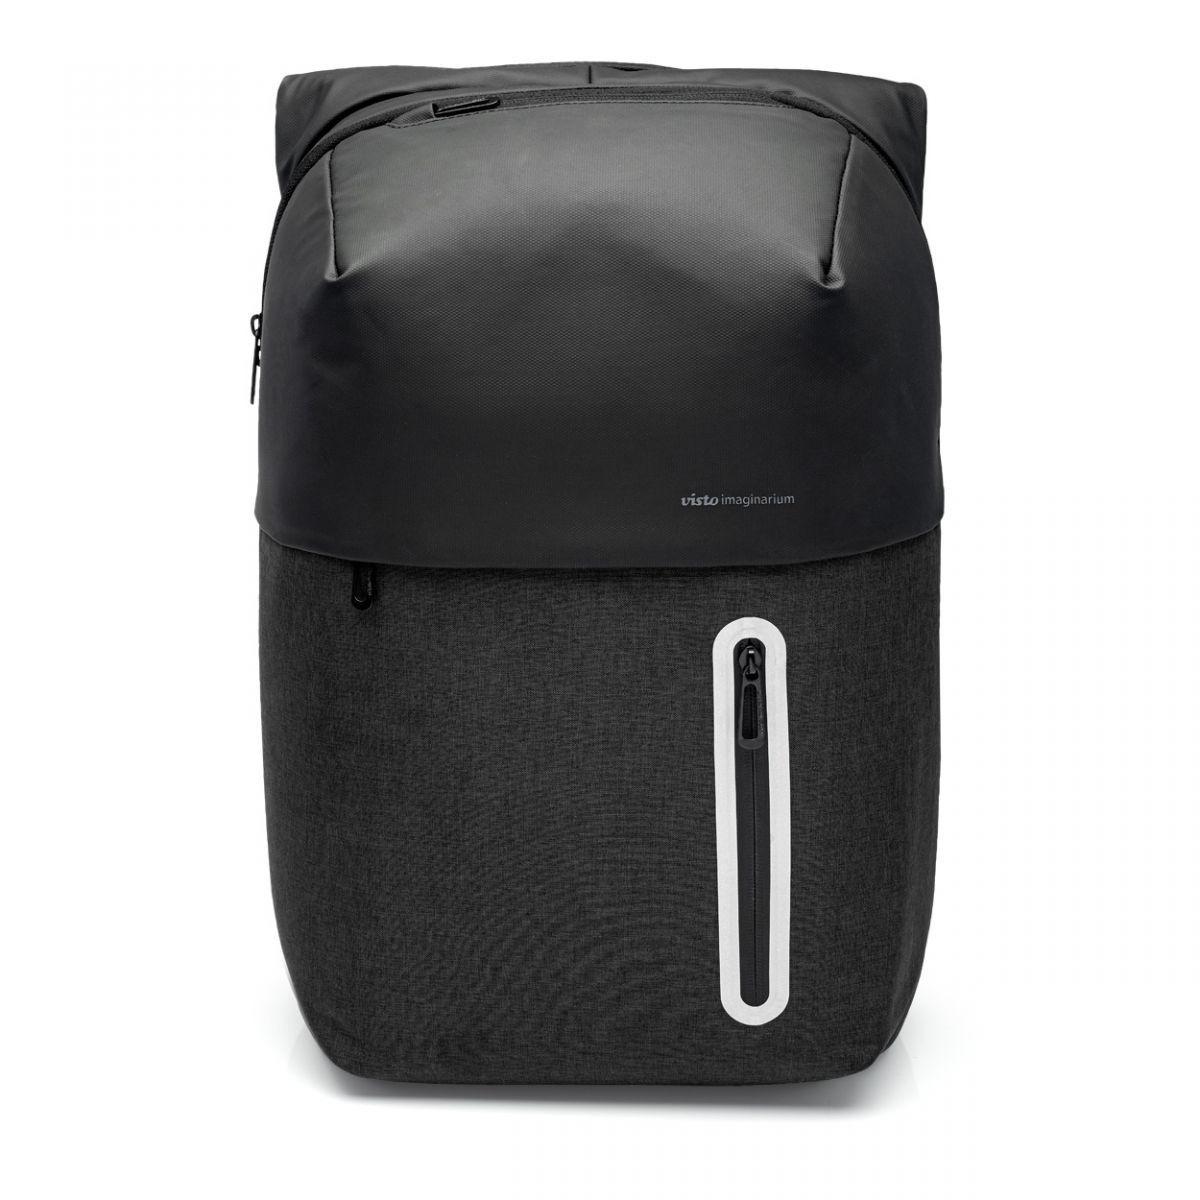 fedb00db3 Mochila Tech Usb Black - R$ 389,90 em Mercado Livre